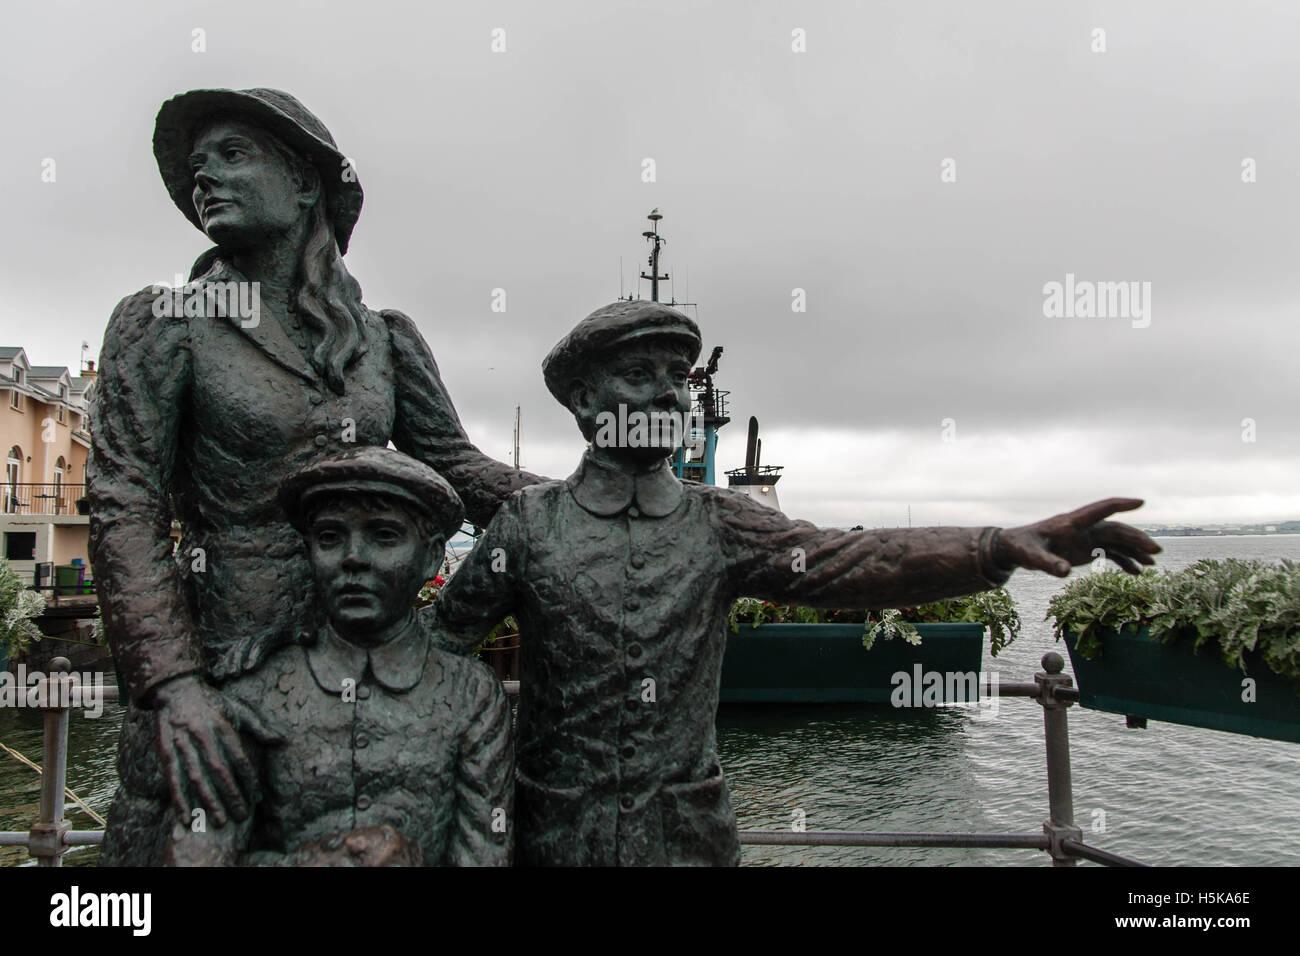 Statue in Cobh - Stock Image